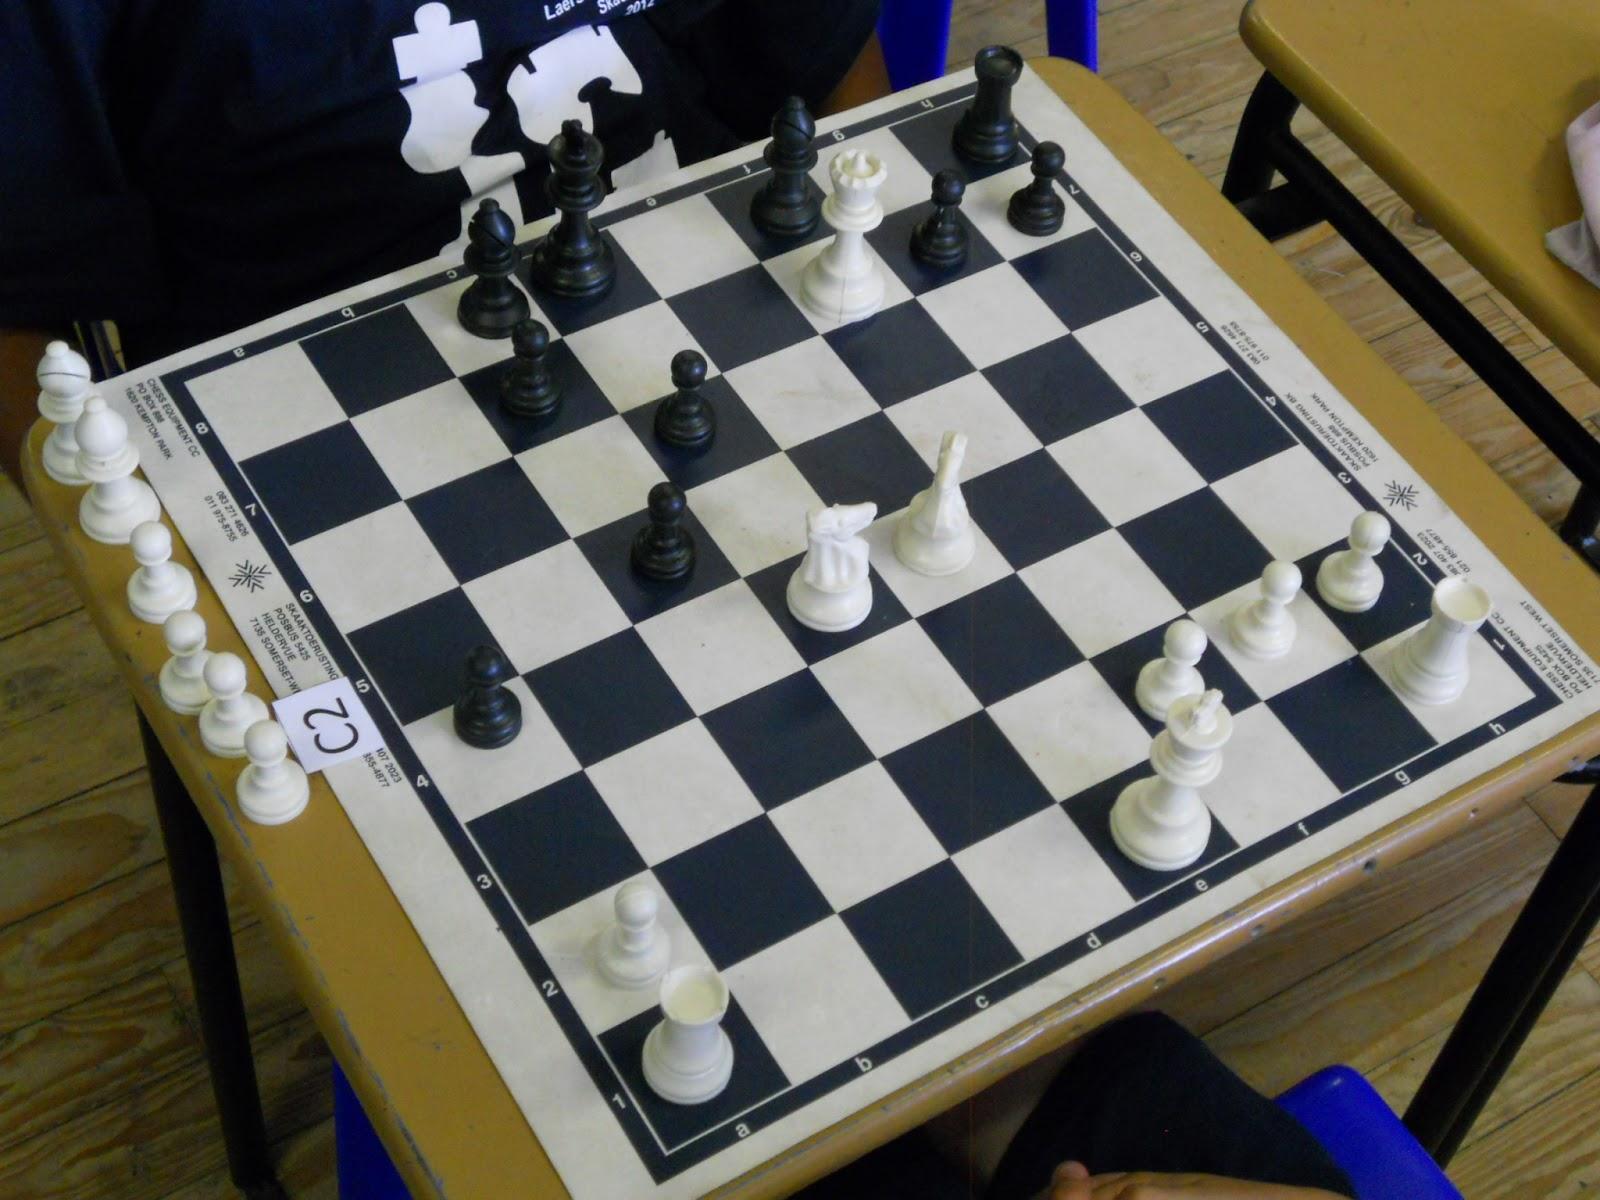 Laerskool ARISTEA Primary | Skaak - Chess: November 2012